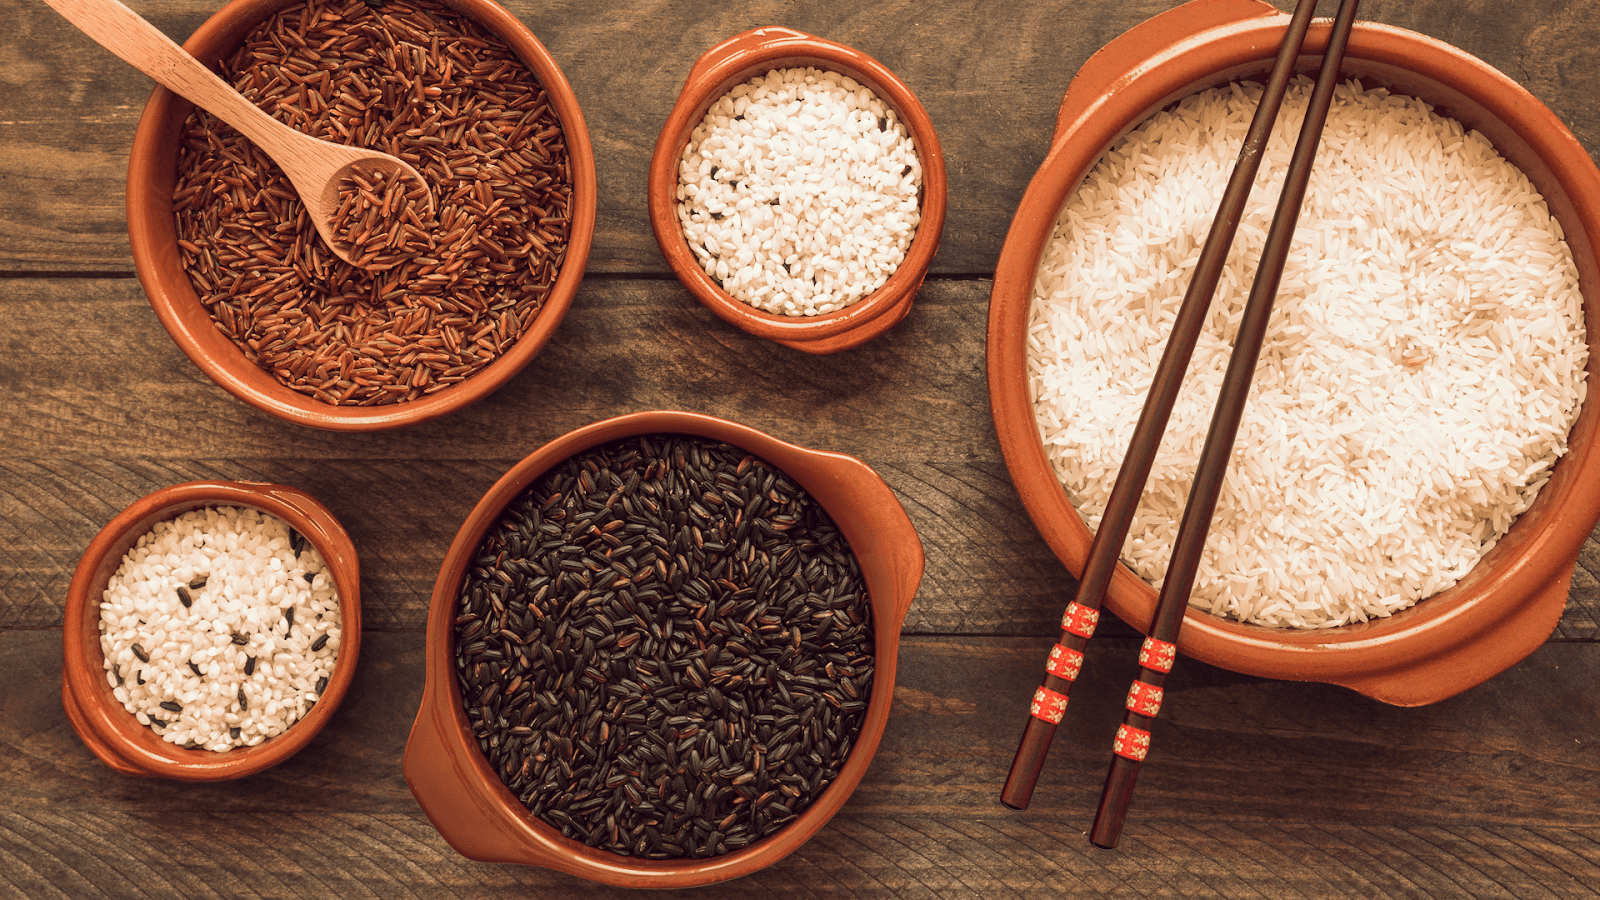 Gạo lứt giảm béo hiệu quả vì chứa rất nhiều chất xơ